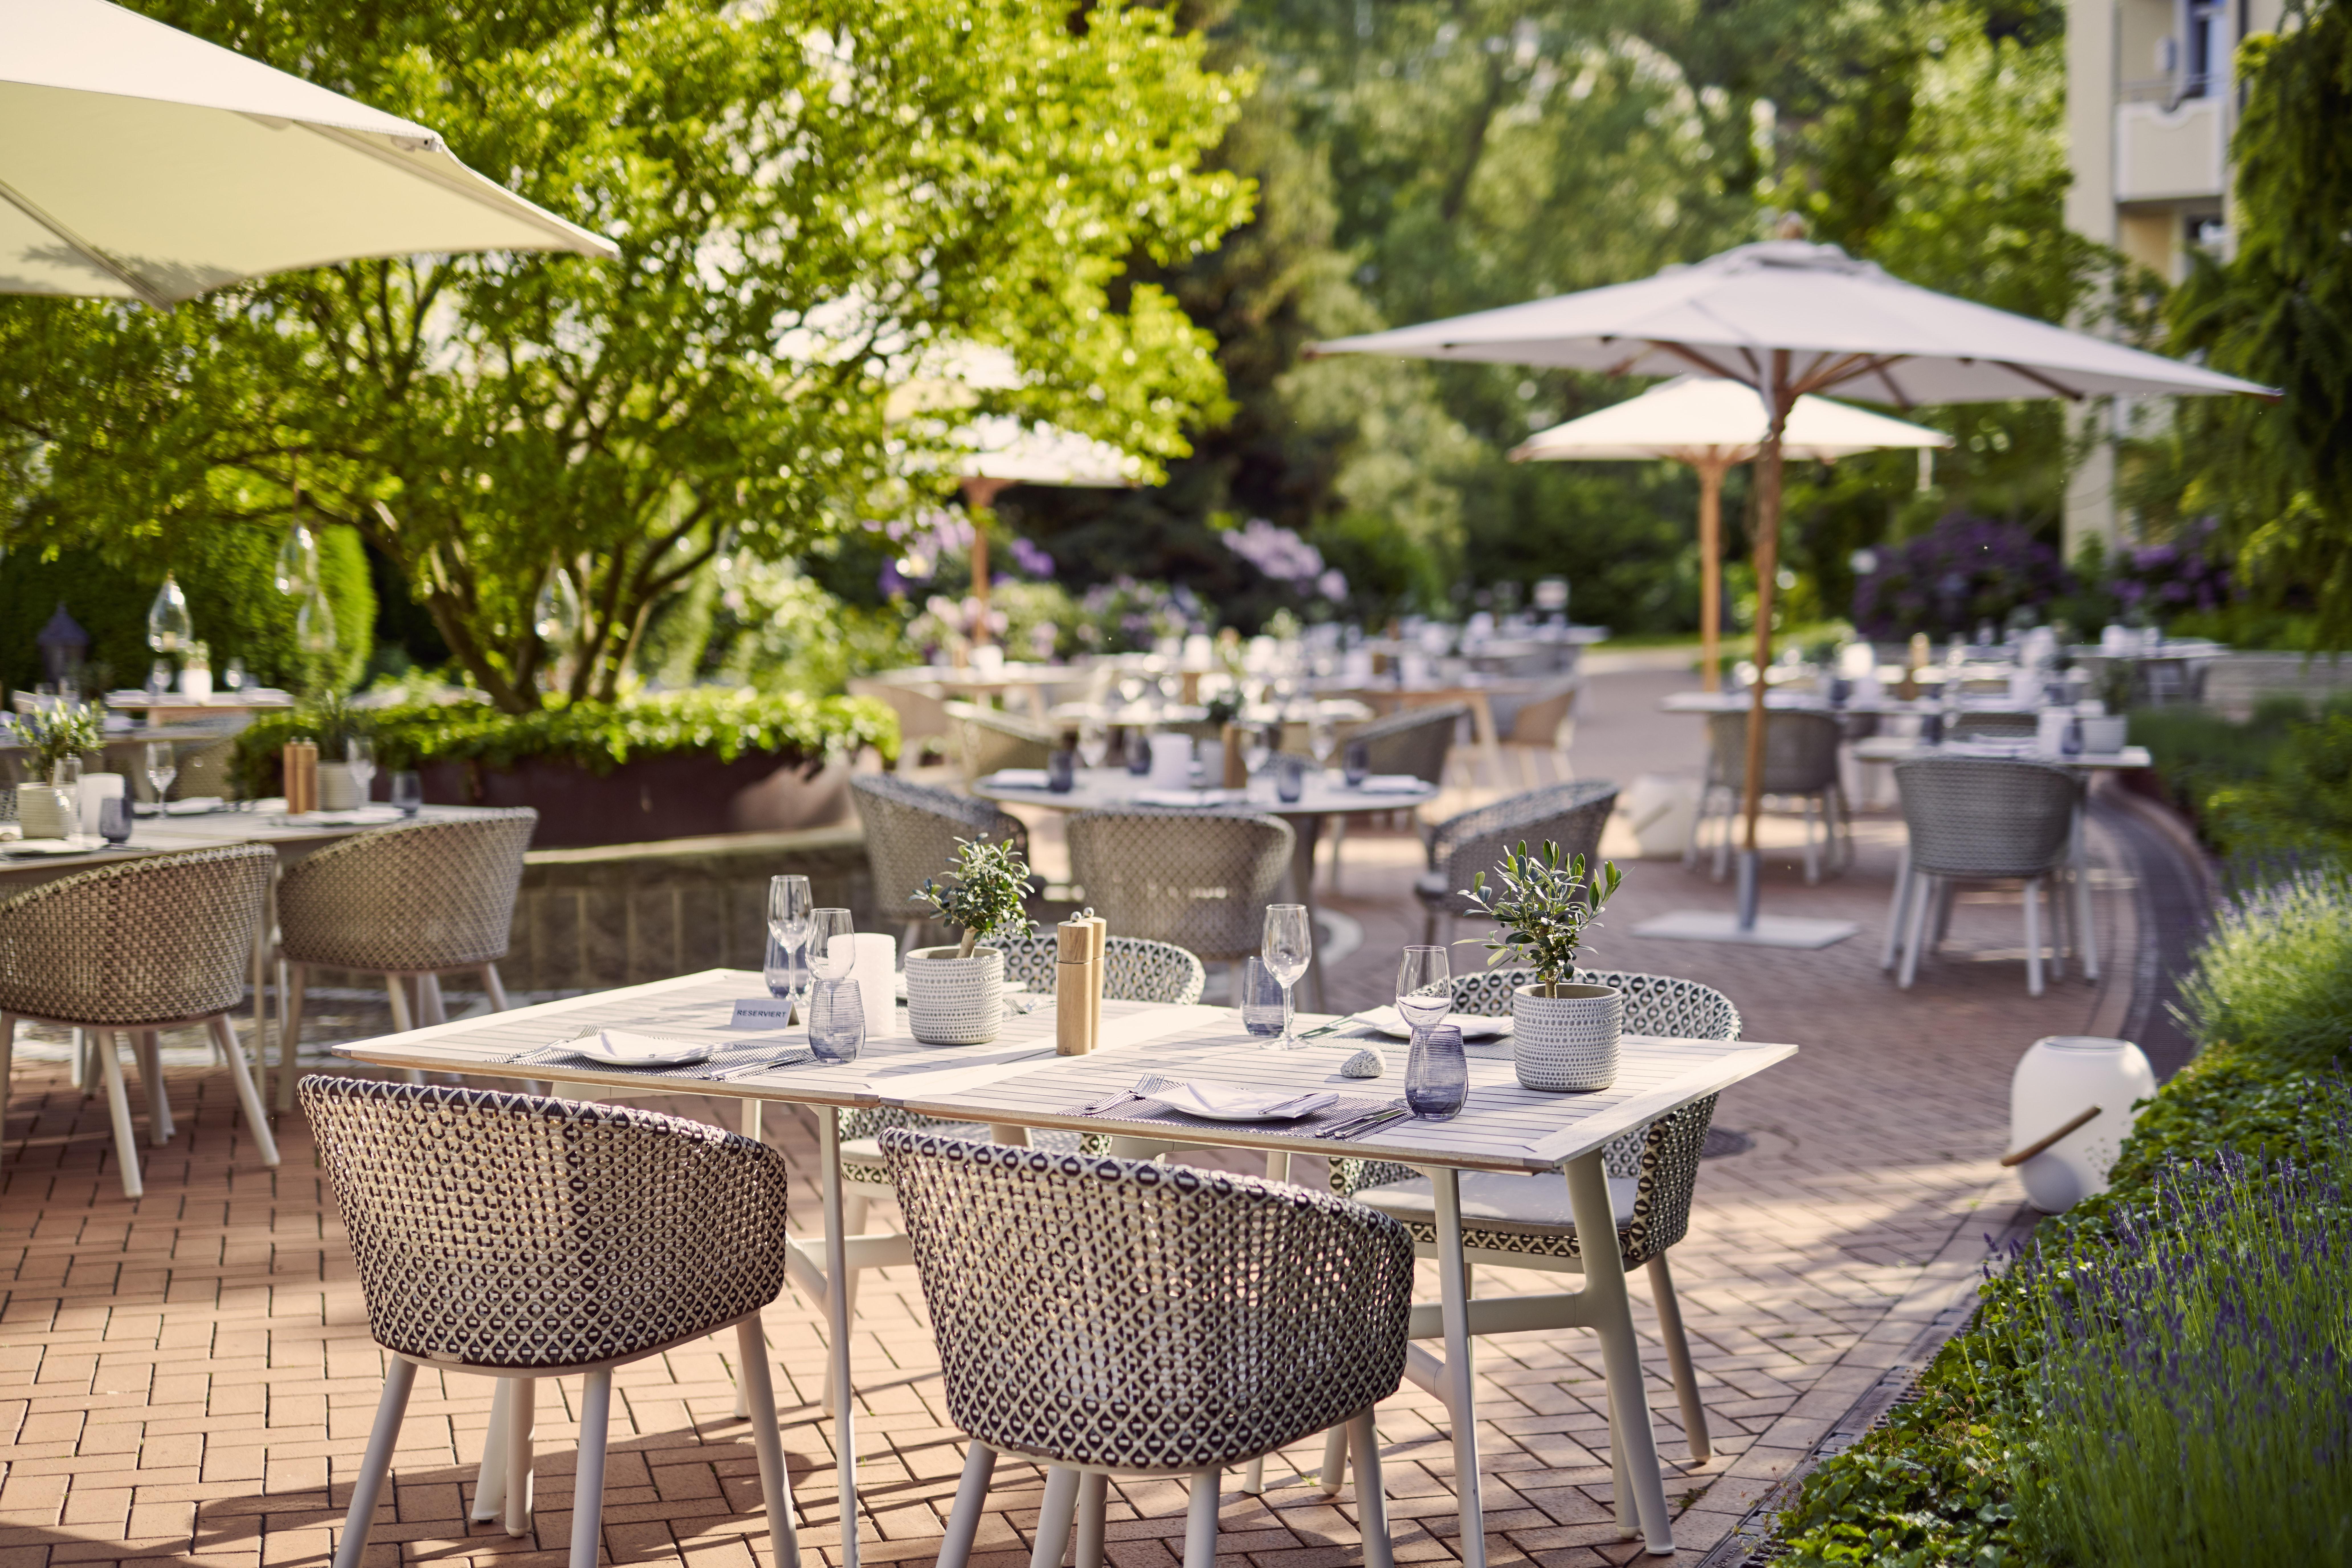 marburg_hotel-vila-vita-rosenpark_oliva-mediterran-2